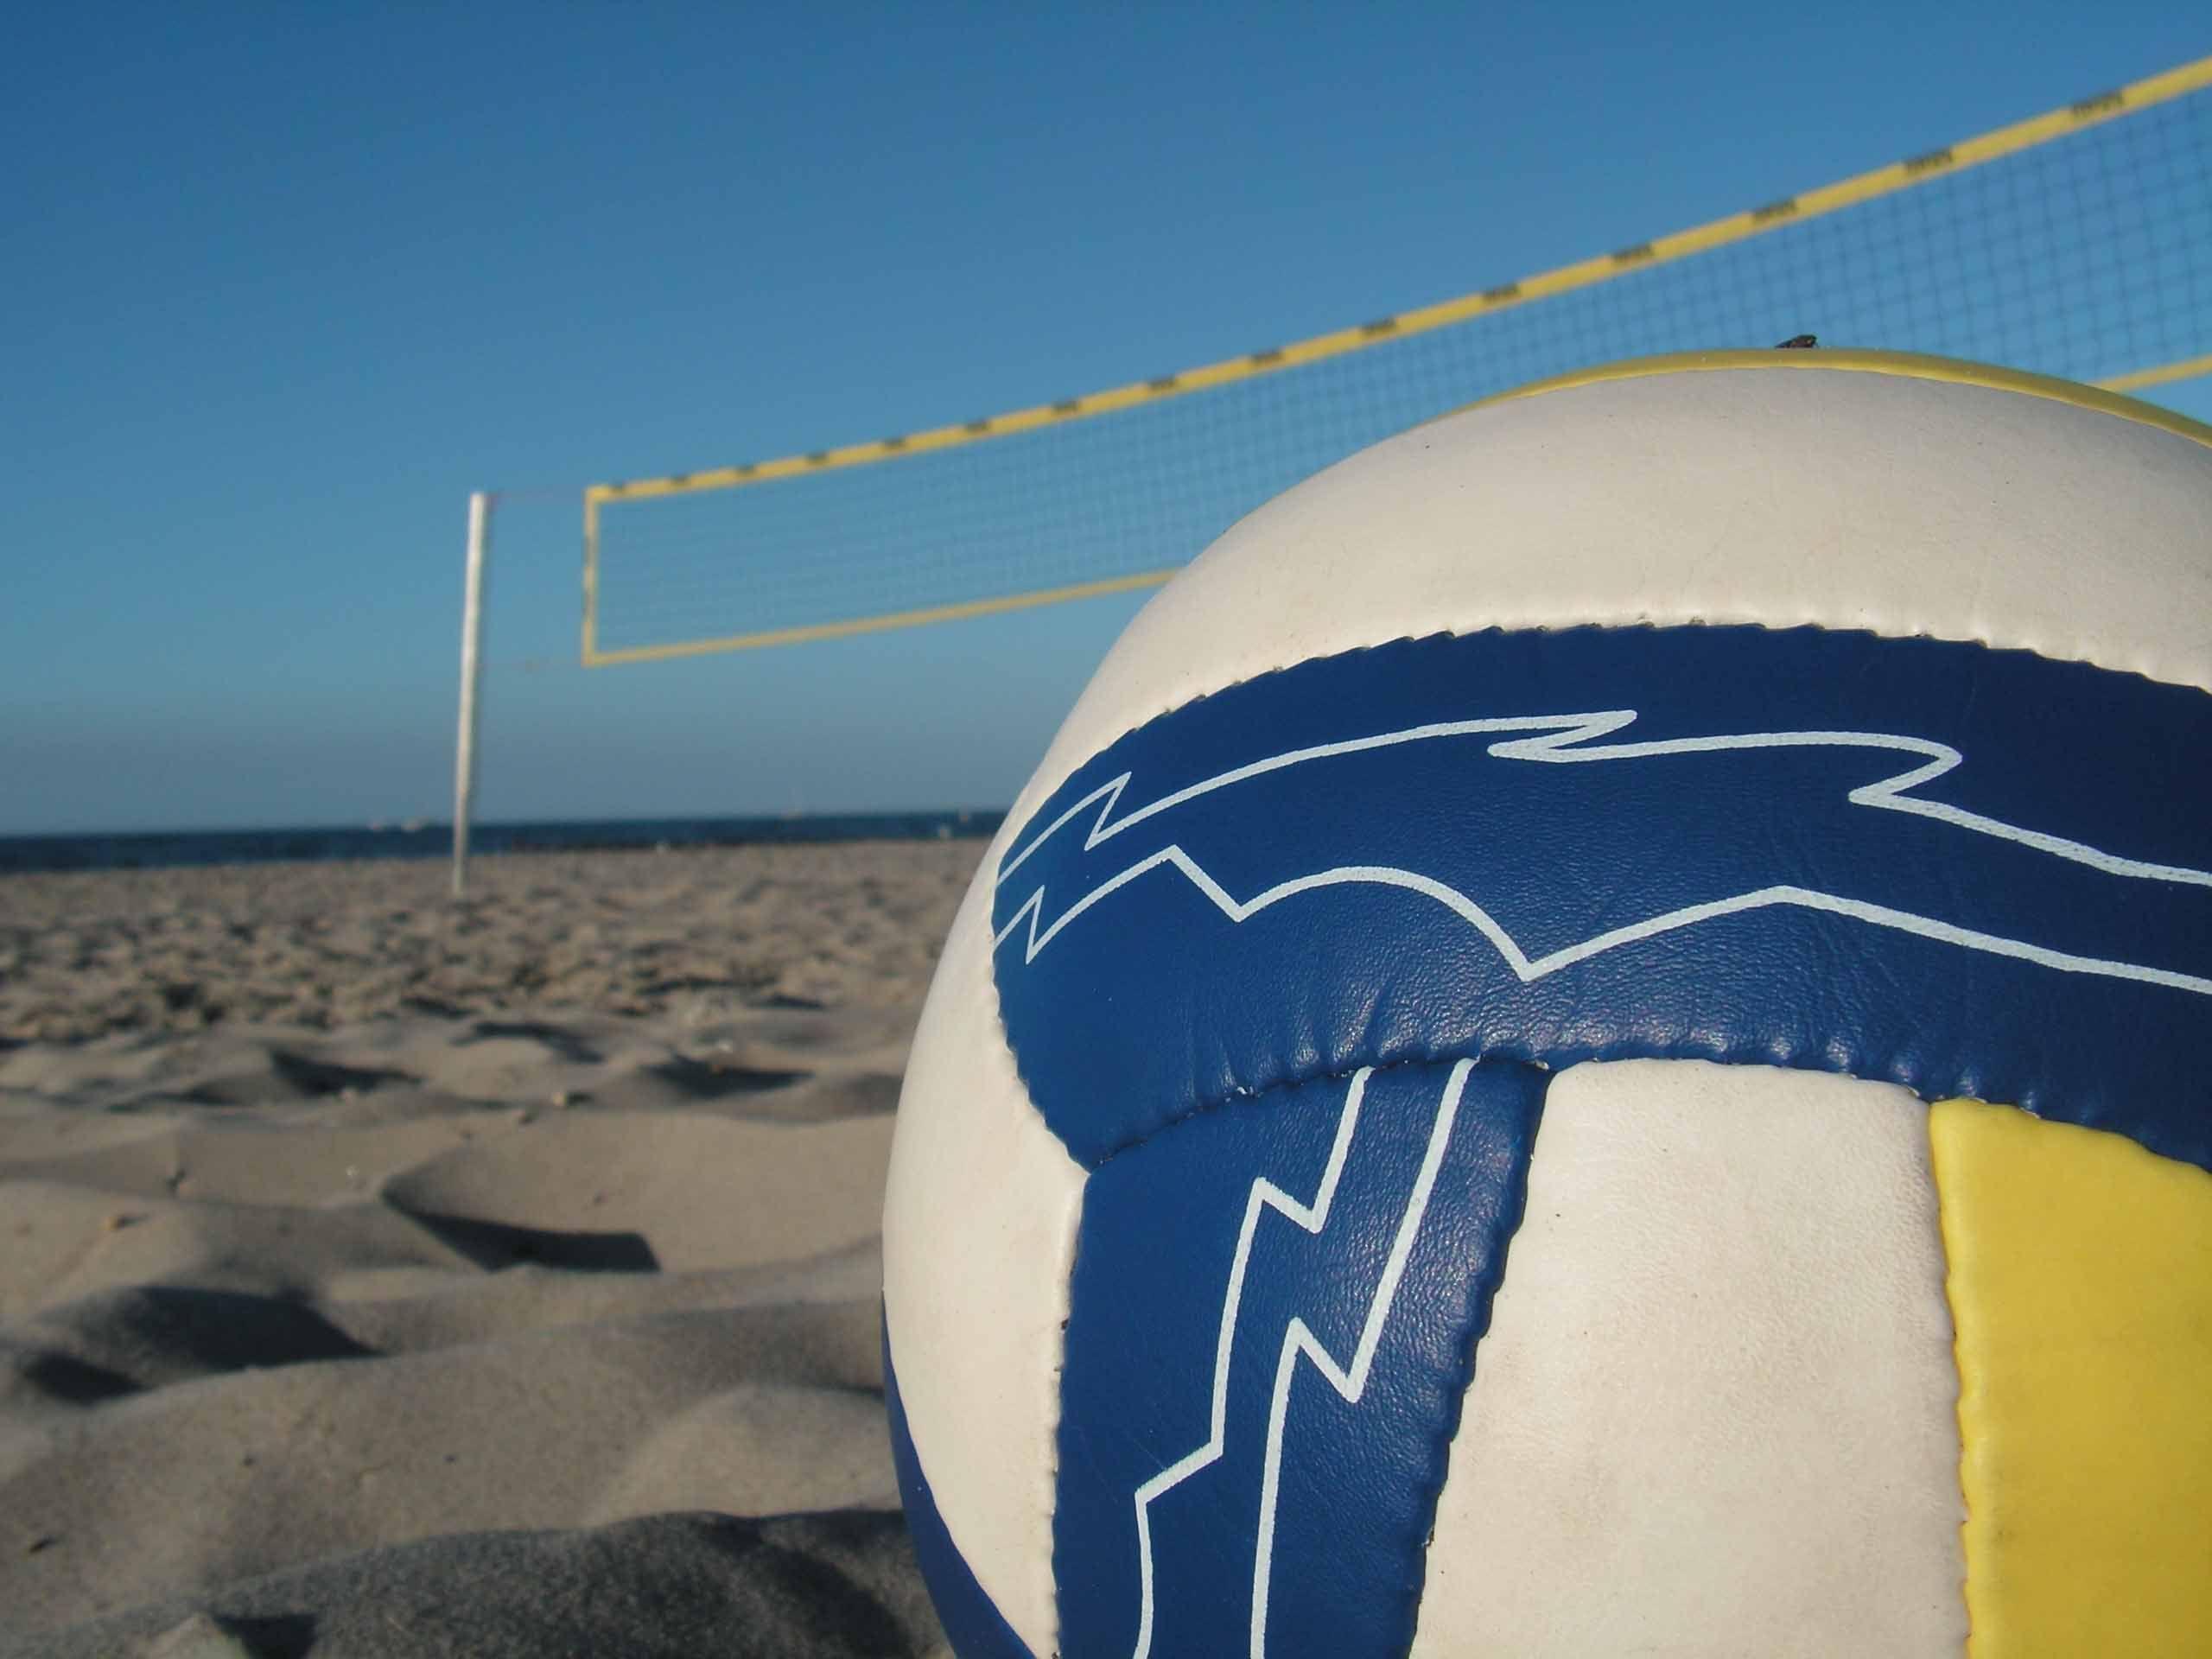 Sport 21 Women S Sand Volleyball Volleyball Wallpaper Beach Volleyball Volleyball